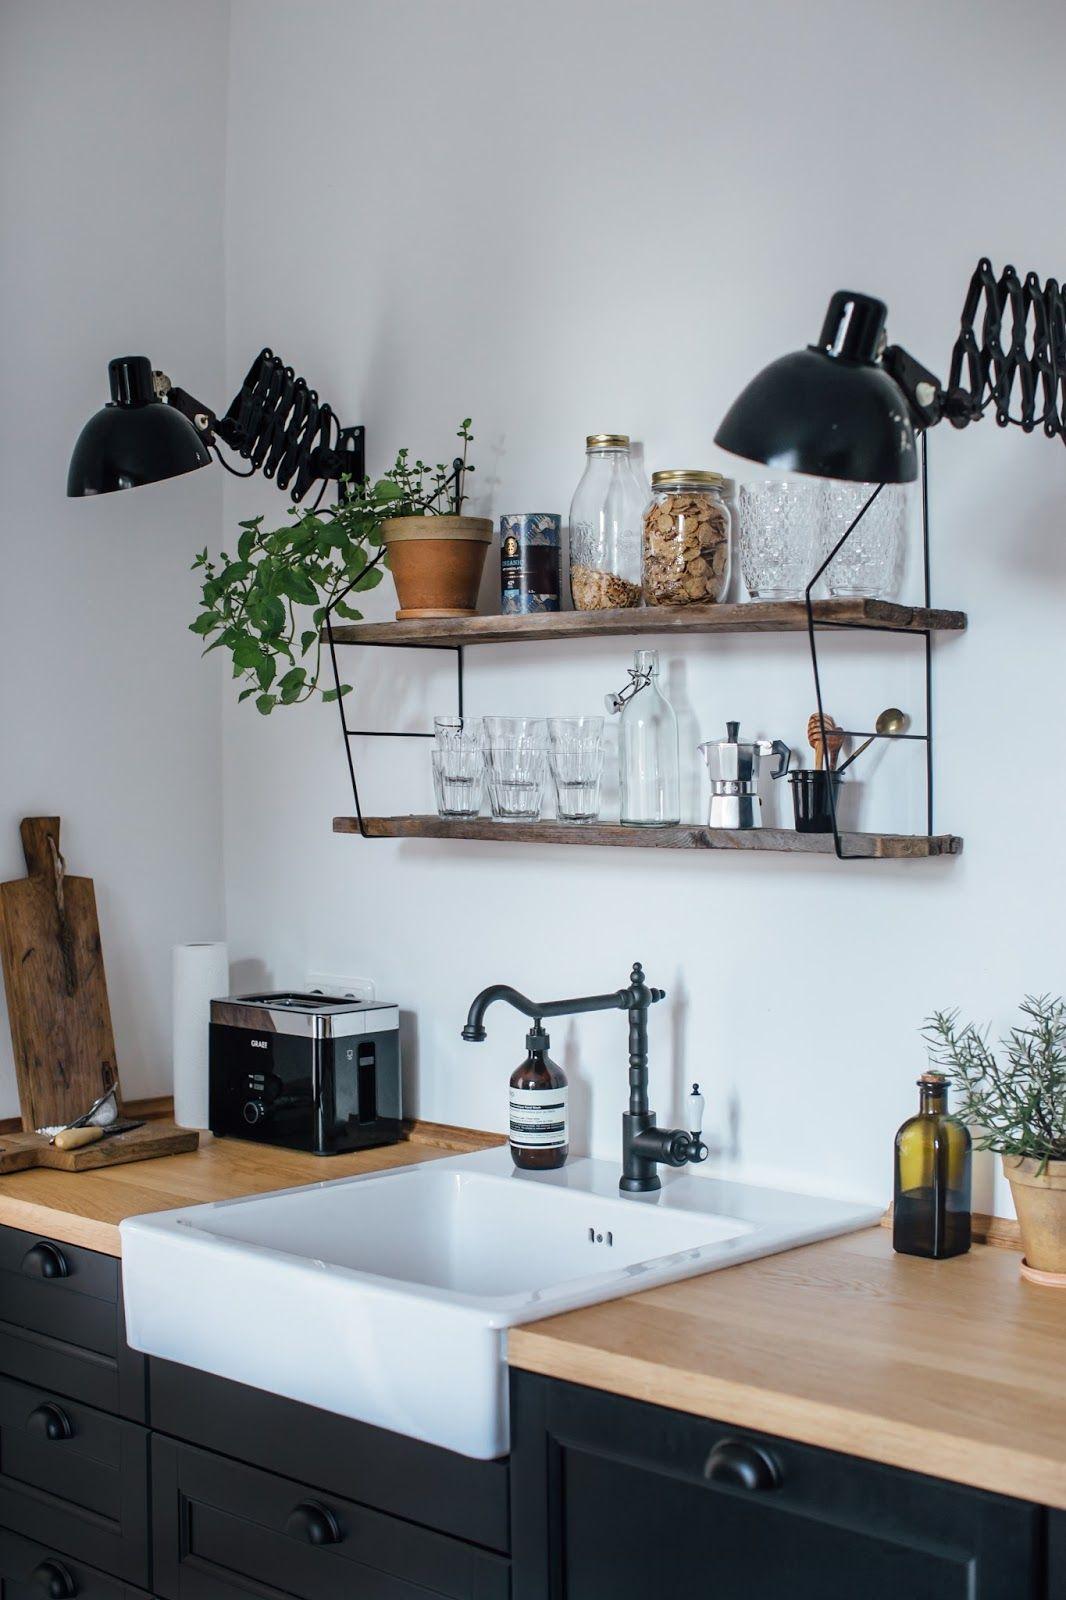 Osez : un robinet noir dans votre cuisine | Kitchen | Pinterest ...